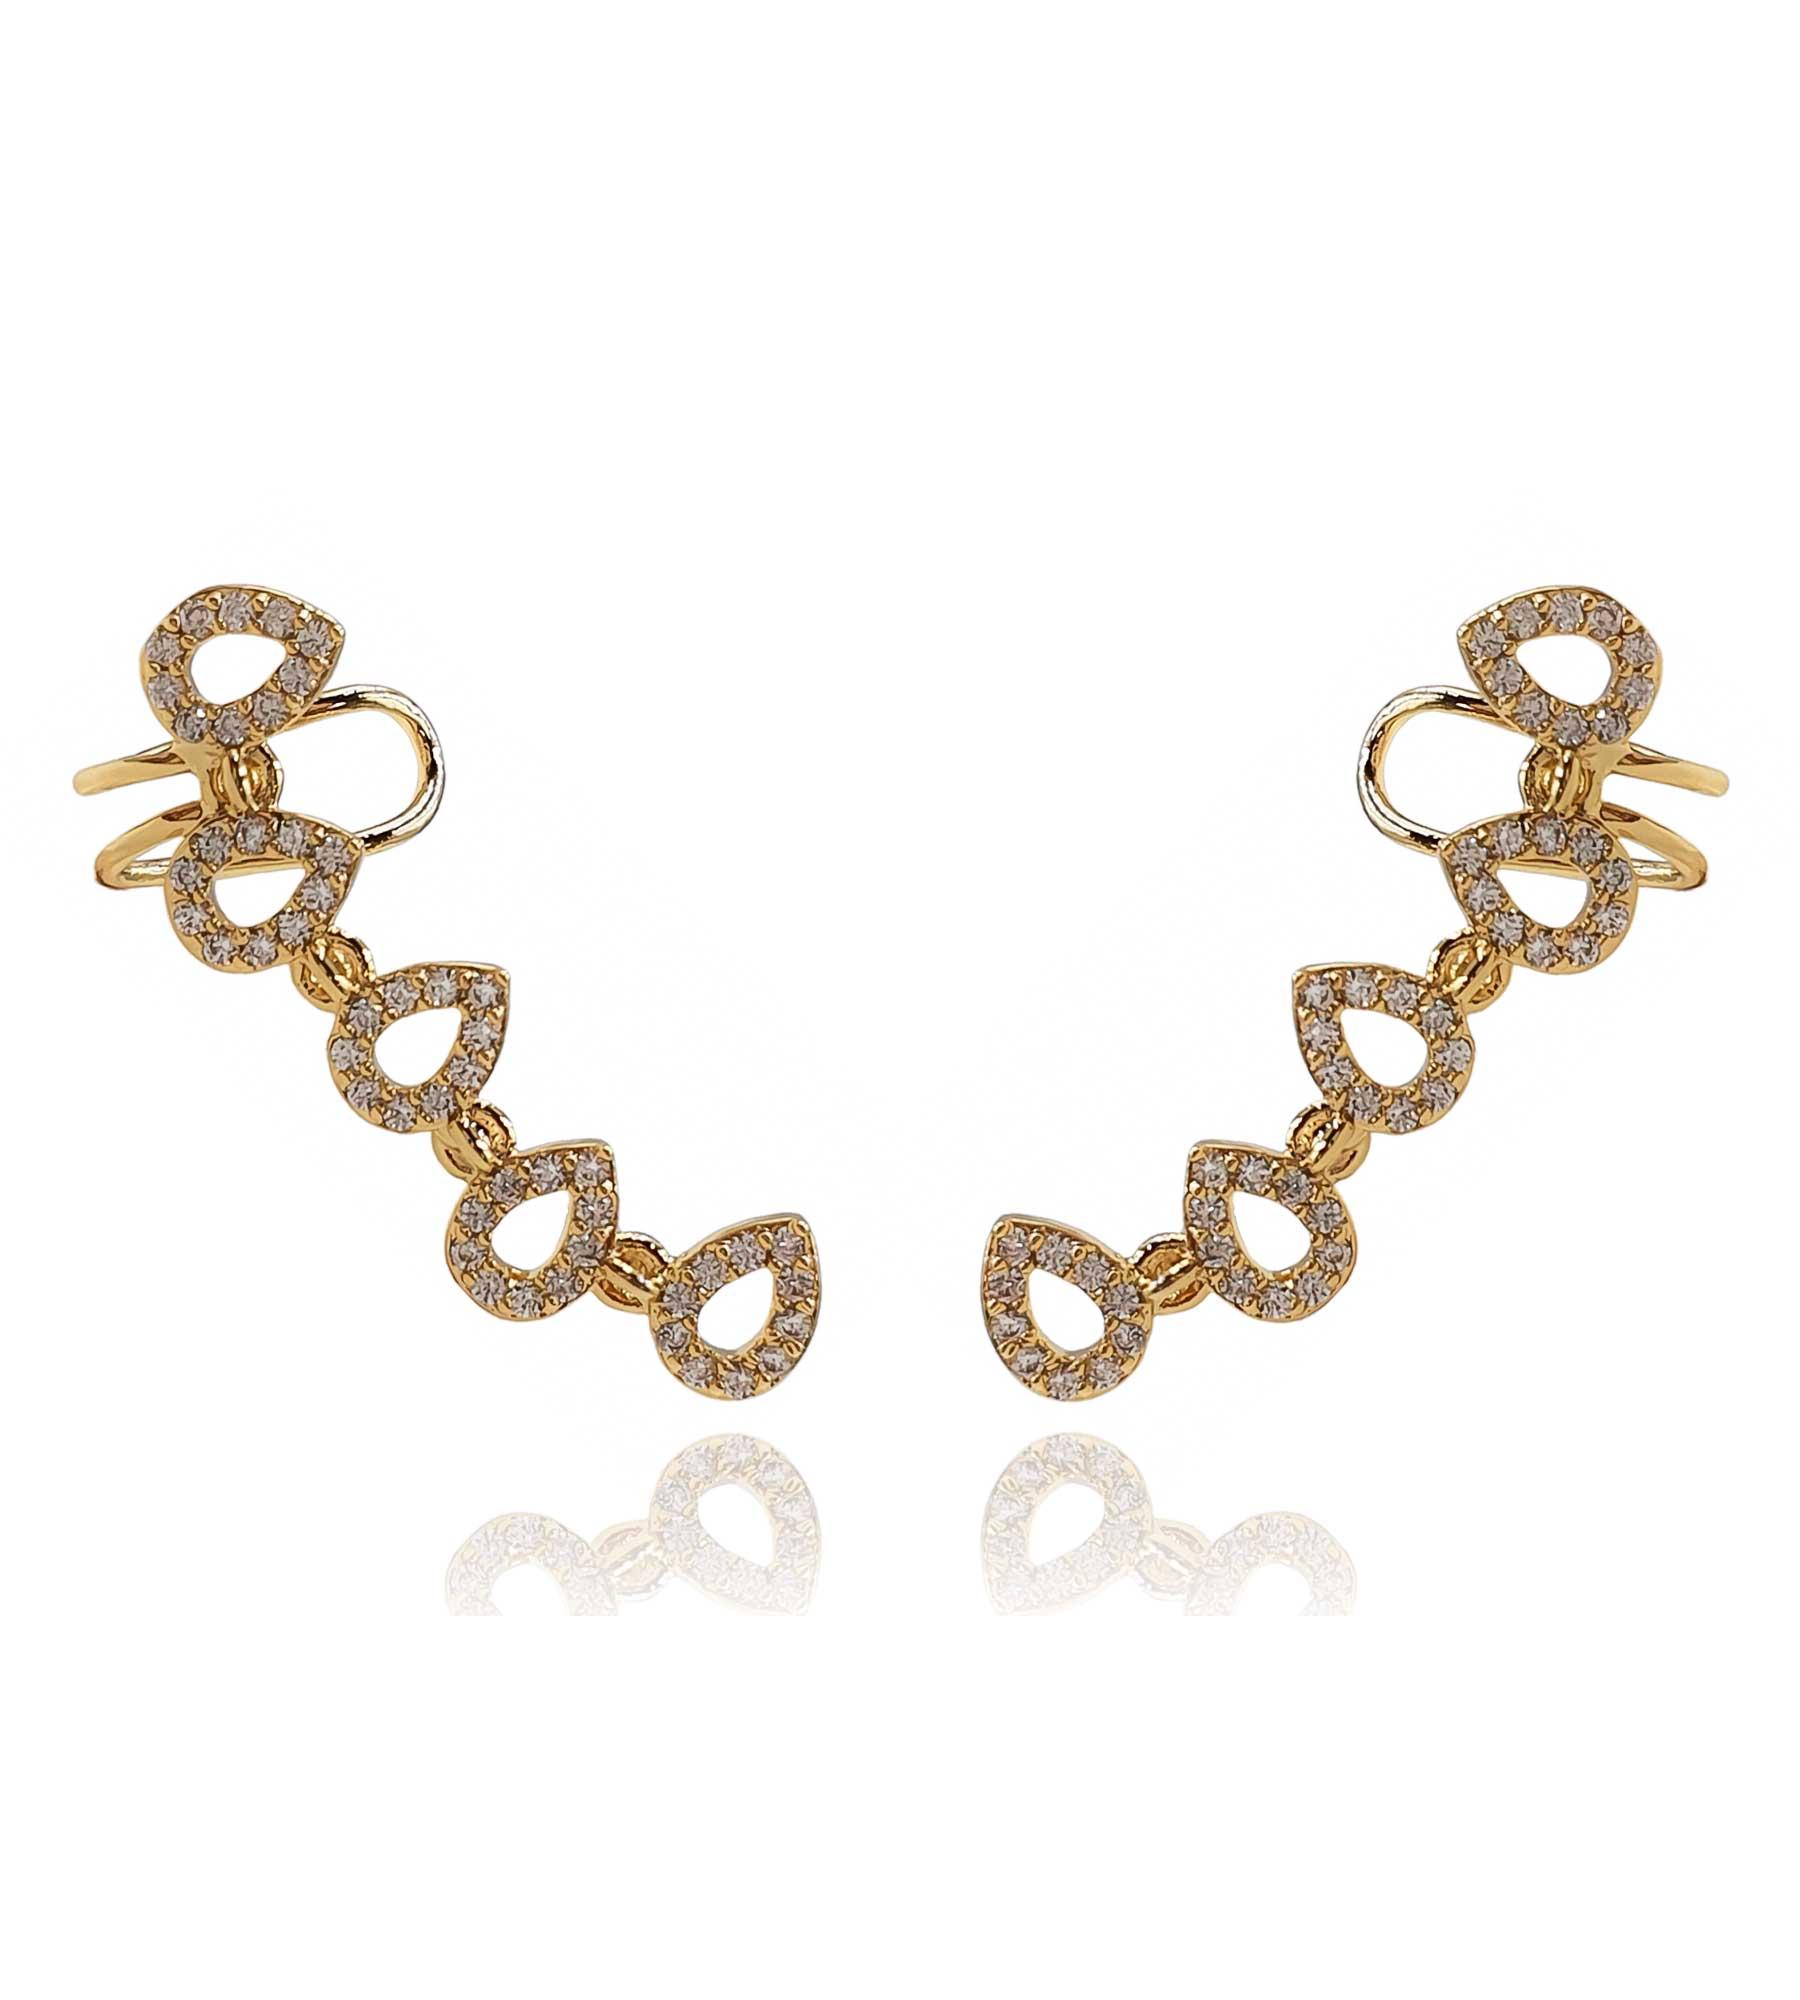 Brinco Ear Cuff Zircônia Gotas Banhado à Ouro